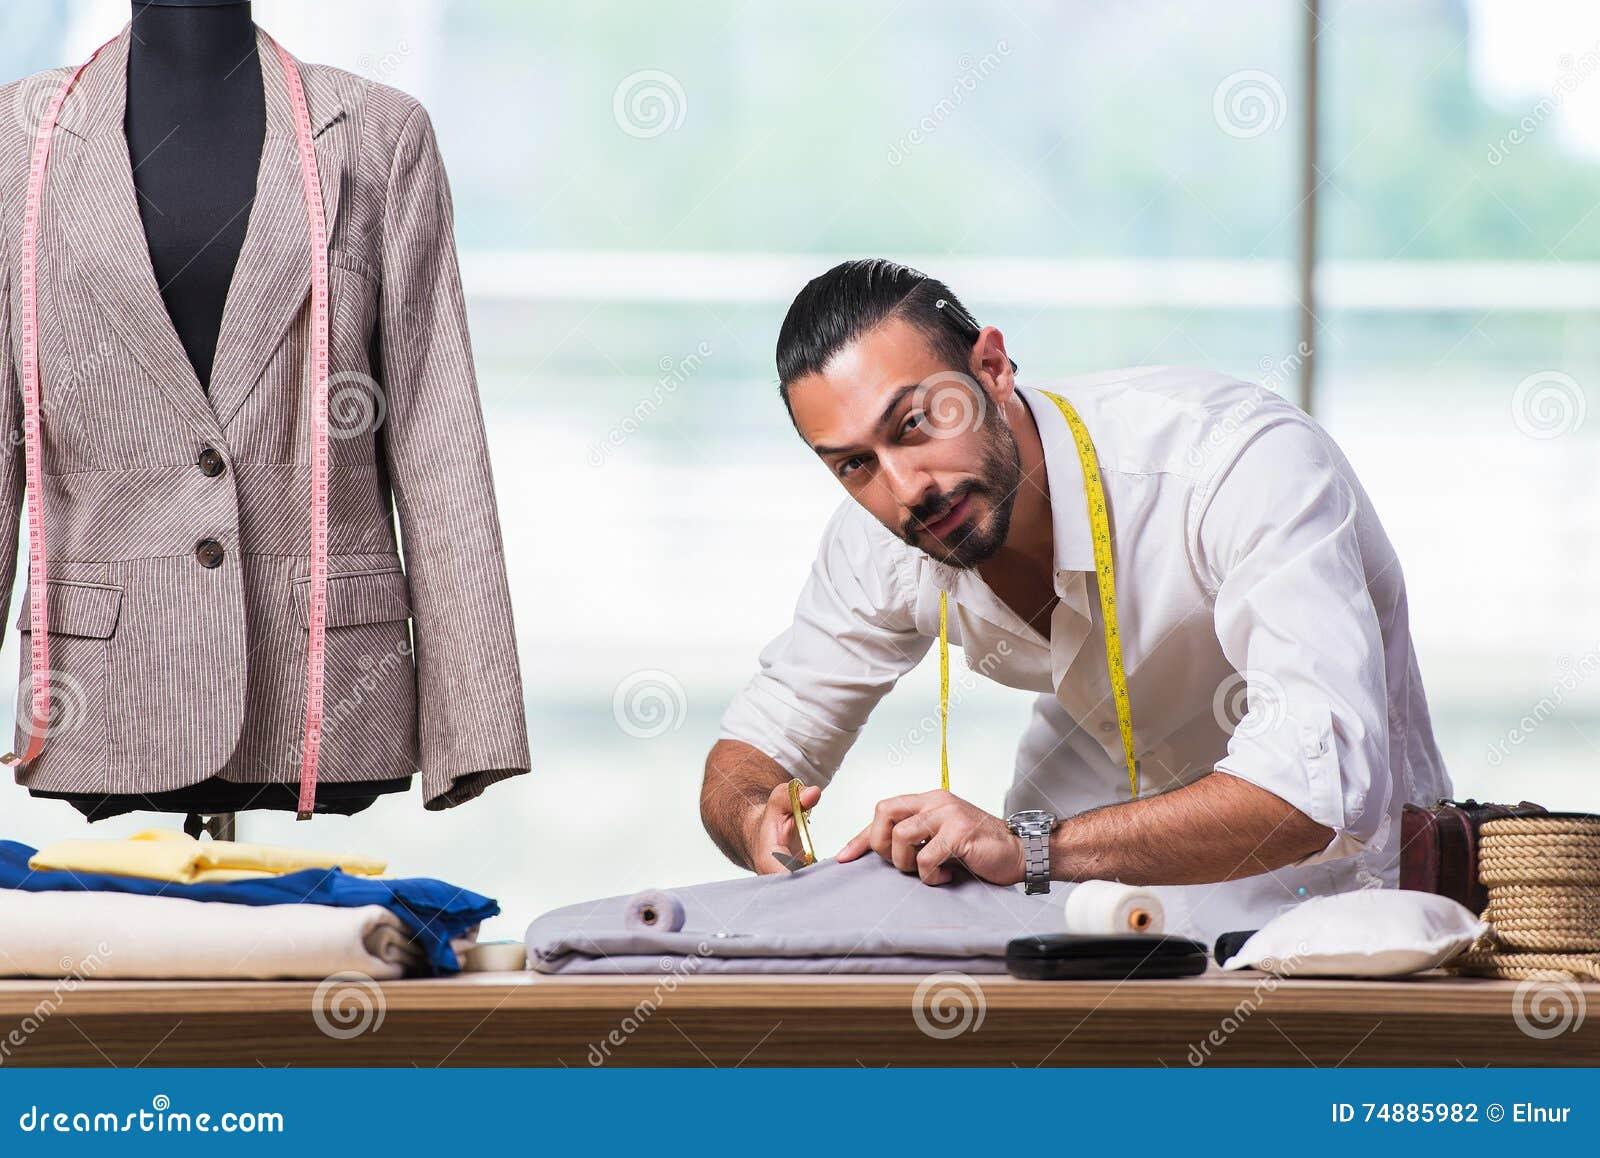 Молодой портной работая на новом дизайне одежды